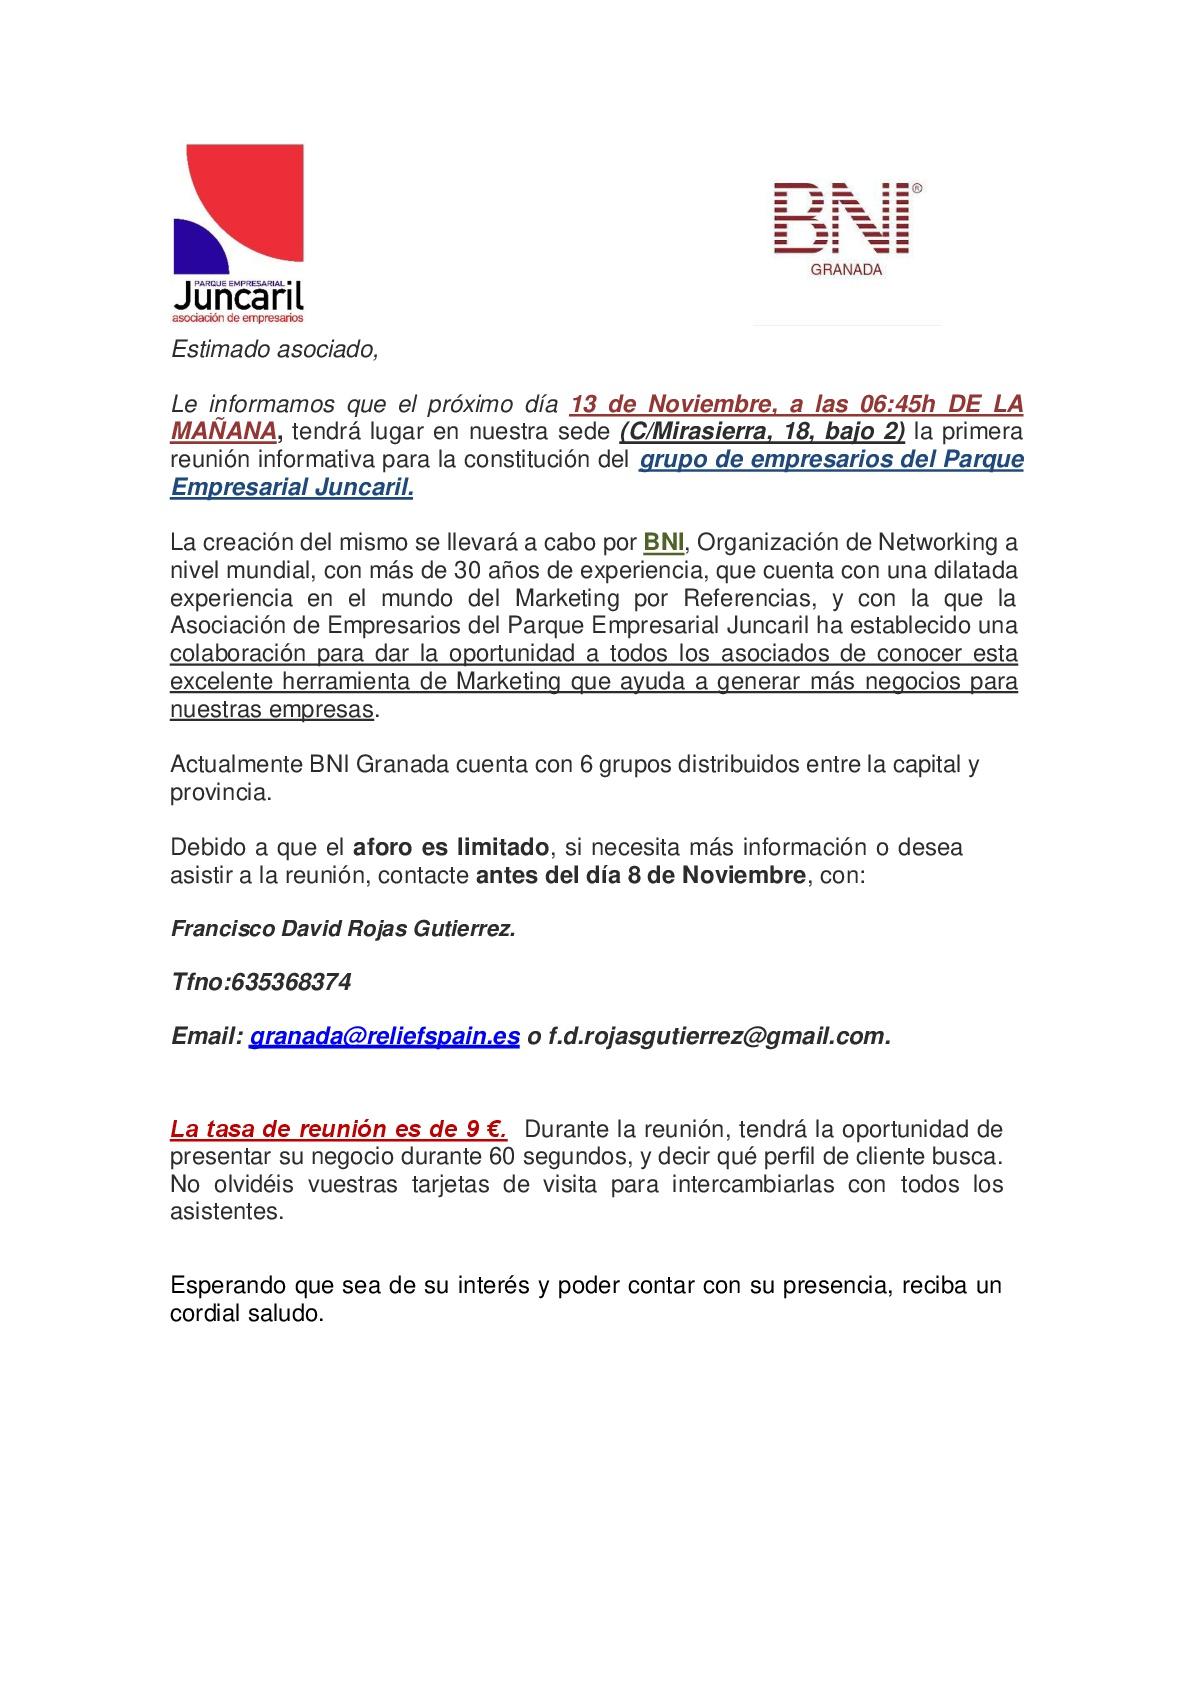 Reunión De Constitución De Grupo Bni En Juncaril Asociación